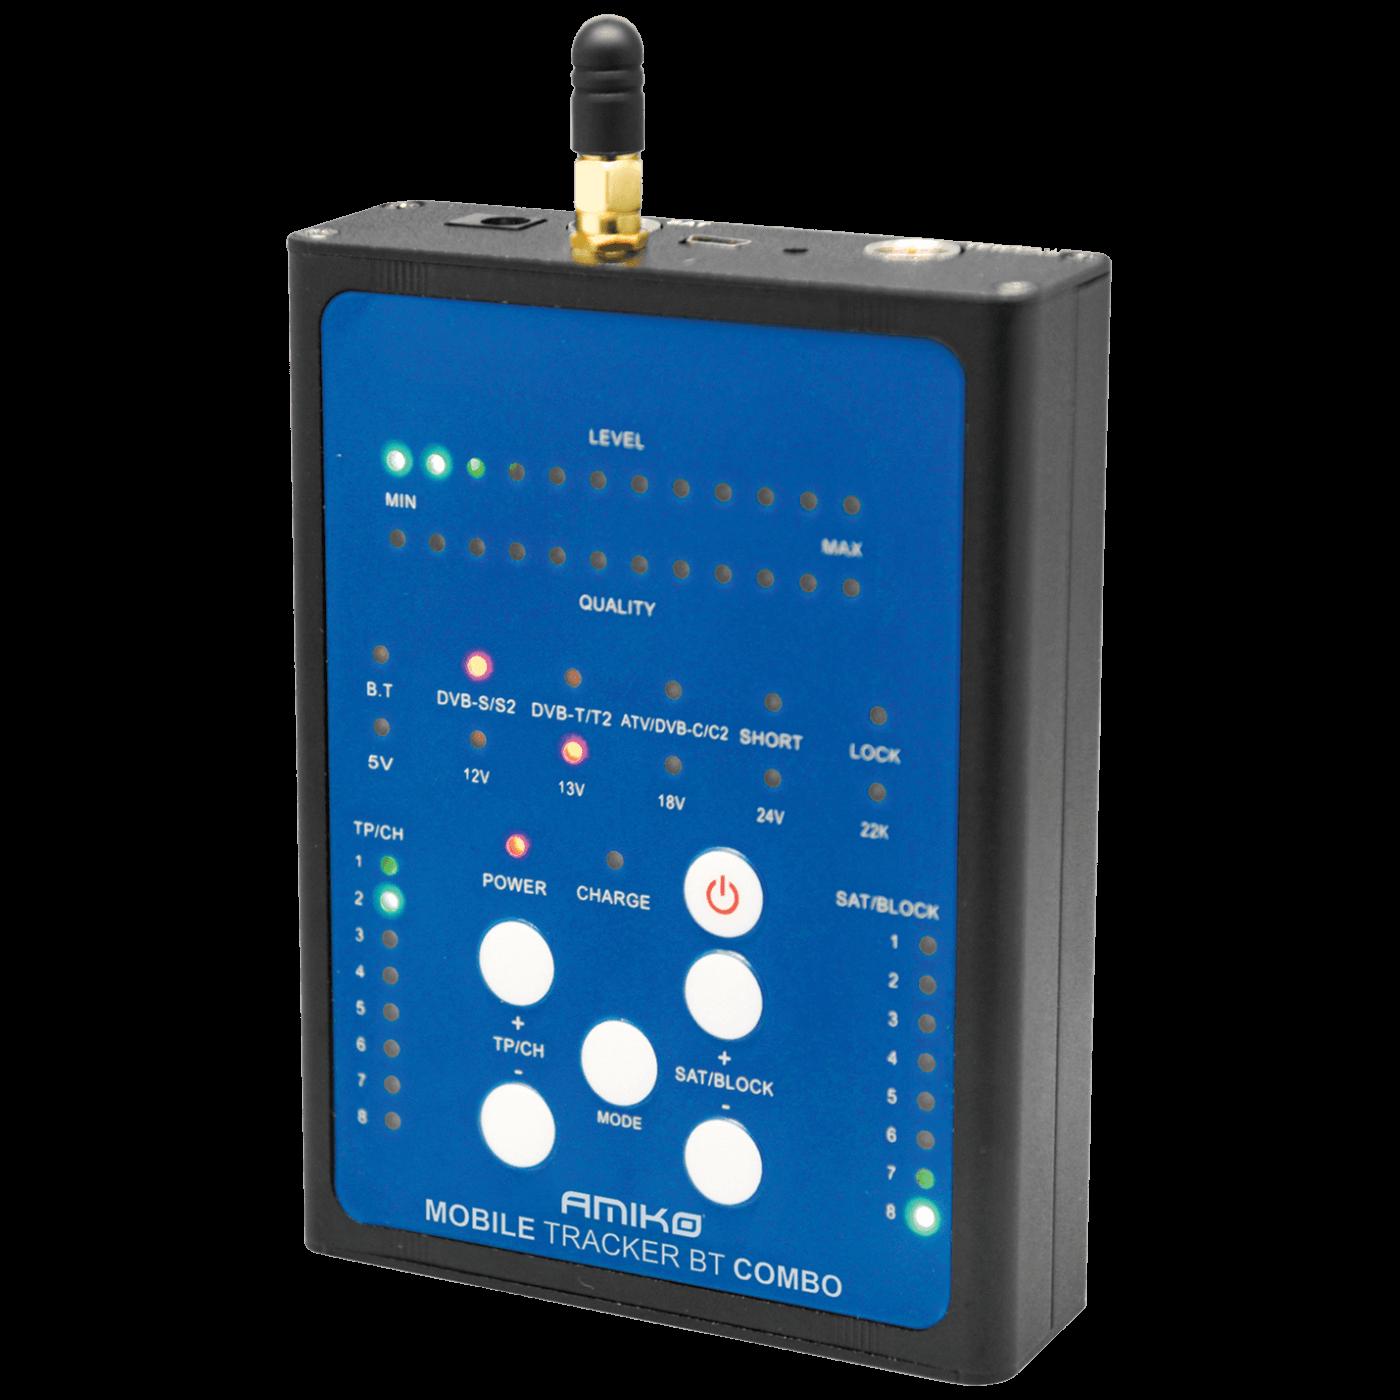 Mobile Tracker BT Combo